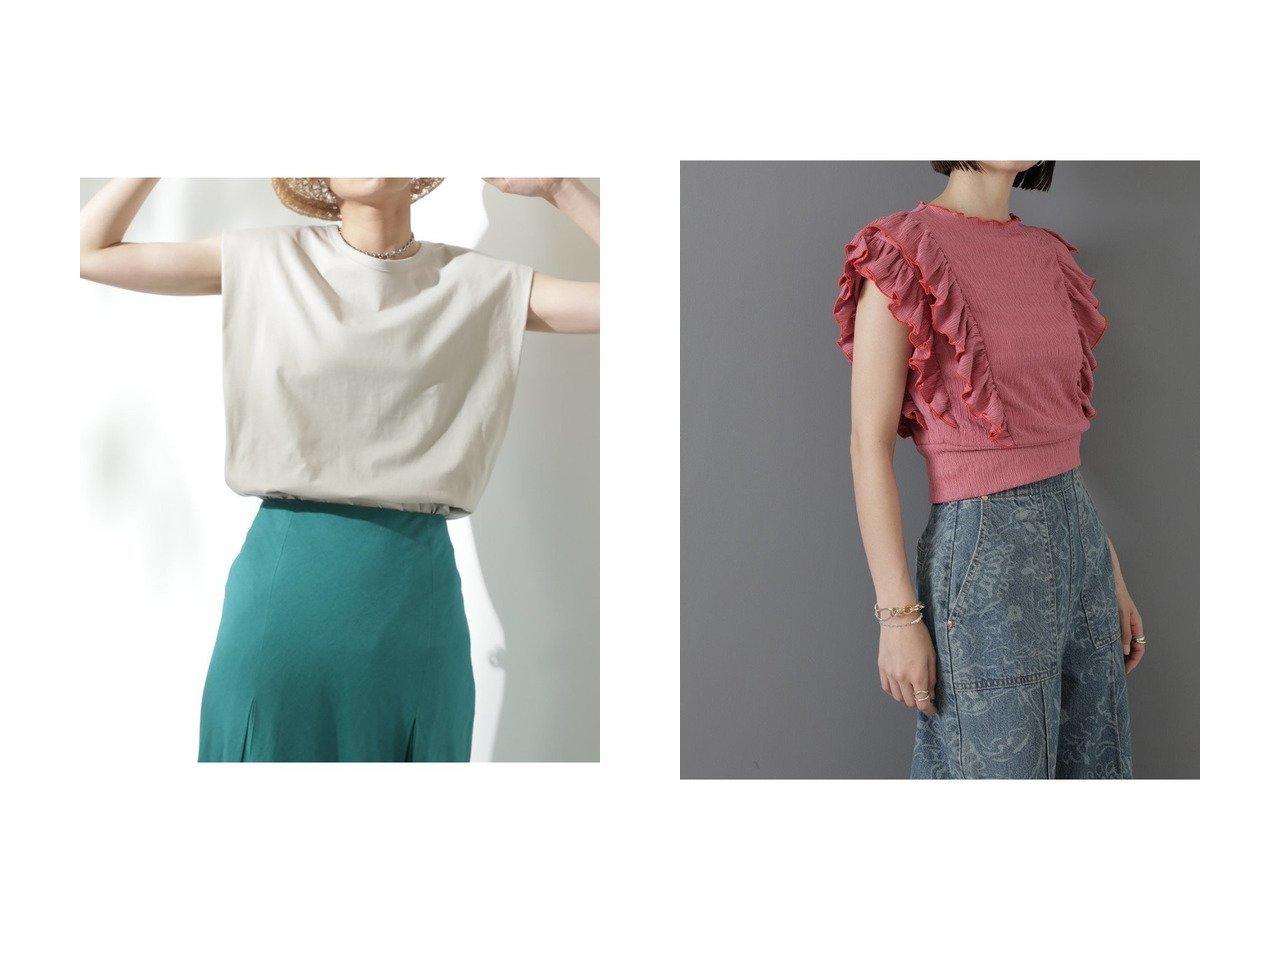 【ROSE BUD/ローズバッド】の肩タックノースリーブカットソー&フリルカットソー 【トップス・カットソー】おすすめ!人気、トレンド・レディースファッションの通販   おすすめで人気の流行・トレンド、ファッションの通販商品 インテリア・家具・メンズファッション・キッズファッション・レディースファッション・服の通販 founy(ファニー) https://founy.com/ ファッション Fashion レディースファッション WOMEN トップス・カットソー Tops/Tshirt キャミソール / ノースリーブ No Sleeves シャツ/ブラウス Shirts/Blouses ロング / Tシャツ T-Shirts カットソー Cut and Sewn 2020年 2020 2020-2021秋冬・A/W AW・Autumn/Winter・FW・Fall-Winter/2020-2021 2021年 2021 2021-2022秋冬・A/W AW・Autumn/Winter・FW・Fall-Winter・2021-2022 A/W・秋冬 AW・Autumn/Winter・FW・Fall-Winter おすすめ Recommend カットソー キャミソール スリット タンク ショート シンプル スリーブ トレンド フィット フェミニン フリル |ID:crp329100000057217